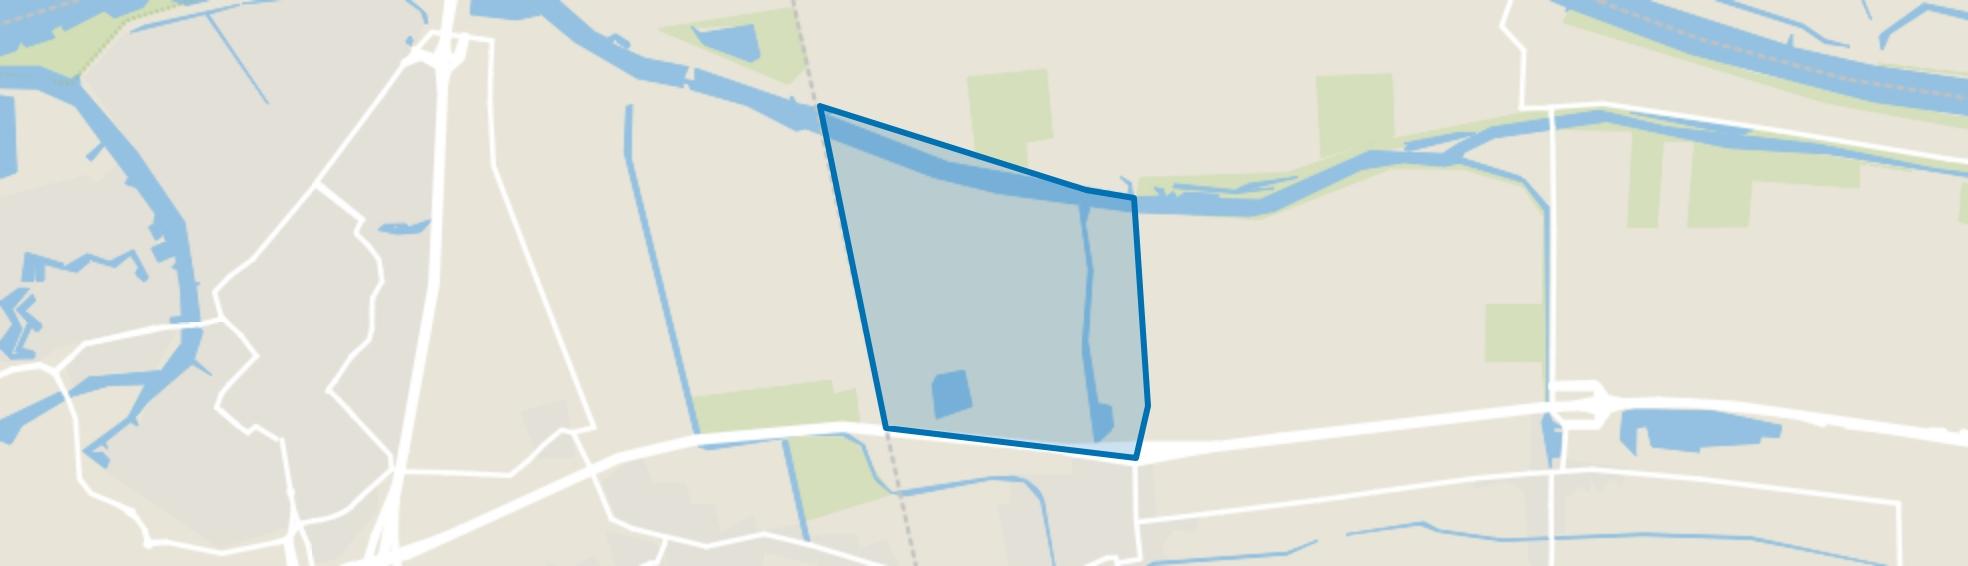 Industrieterrein Waspik, Waspik map